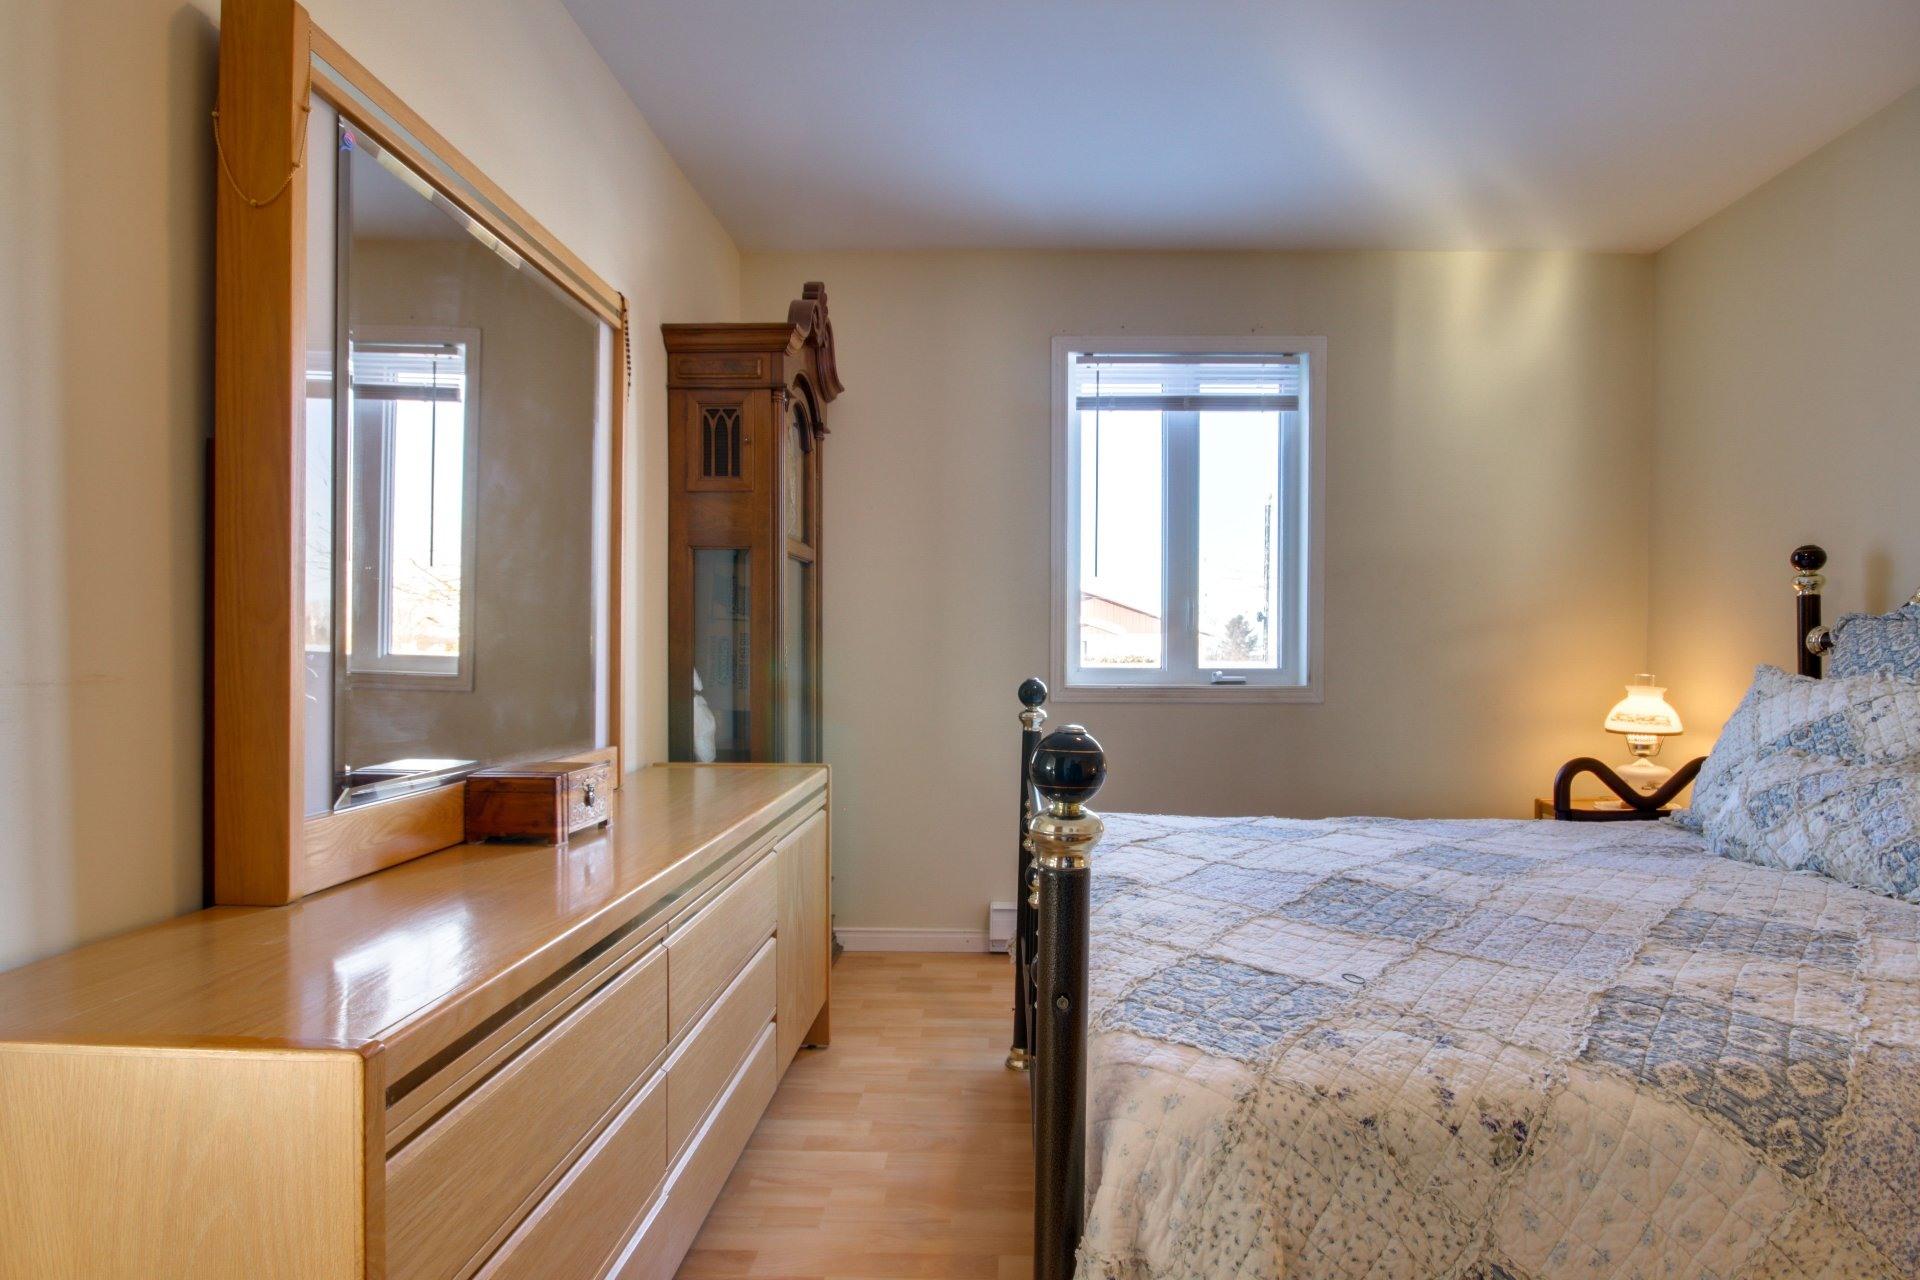 image 15 - House For sale Saint-Pierre-les-Becquets - 8 rooms